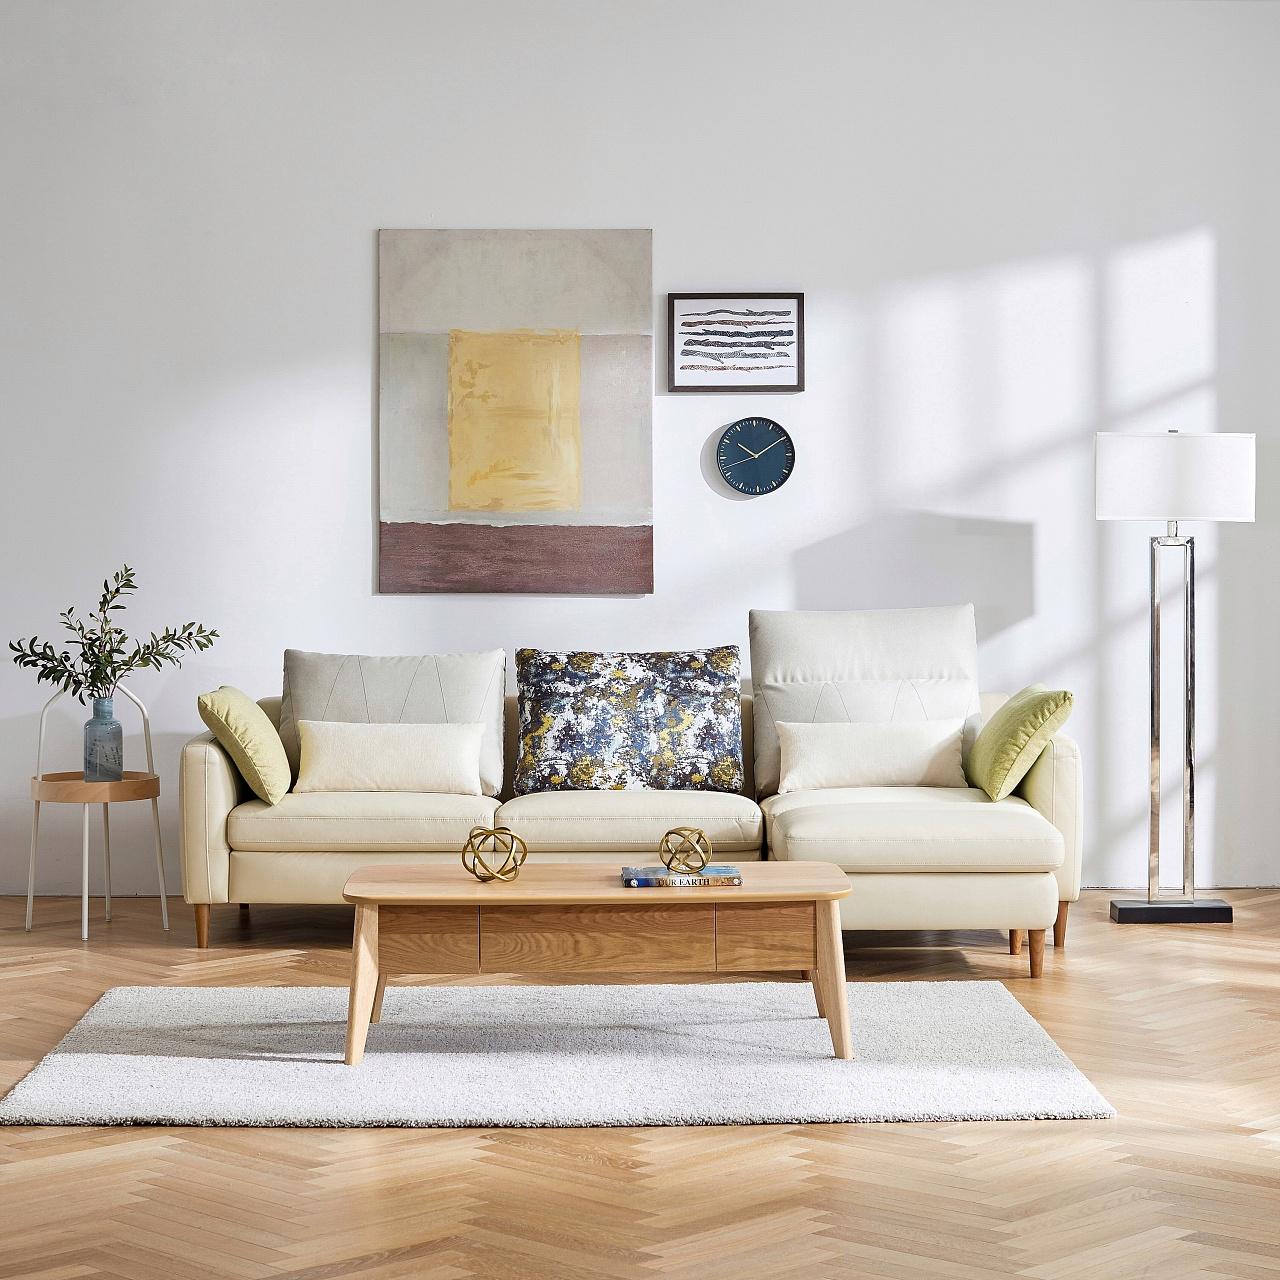 沙发画册_沙发001|摄影|产品|Ivan_y - 原创作品 - 站酷 (ZCOOL)